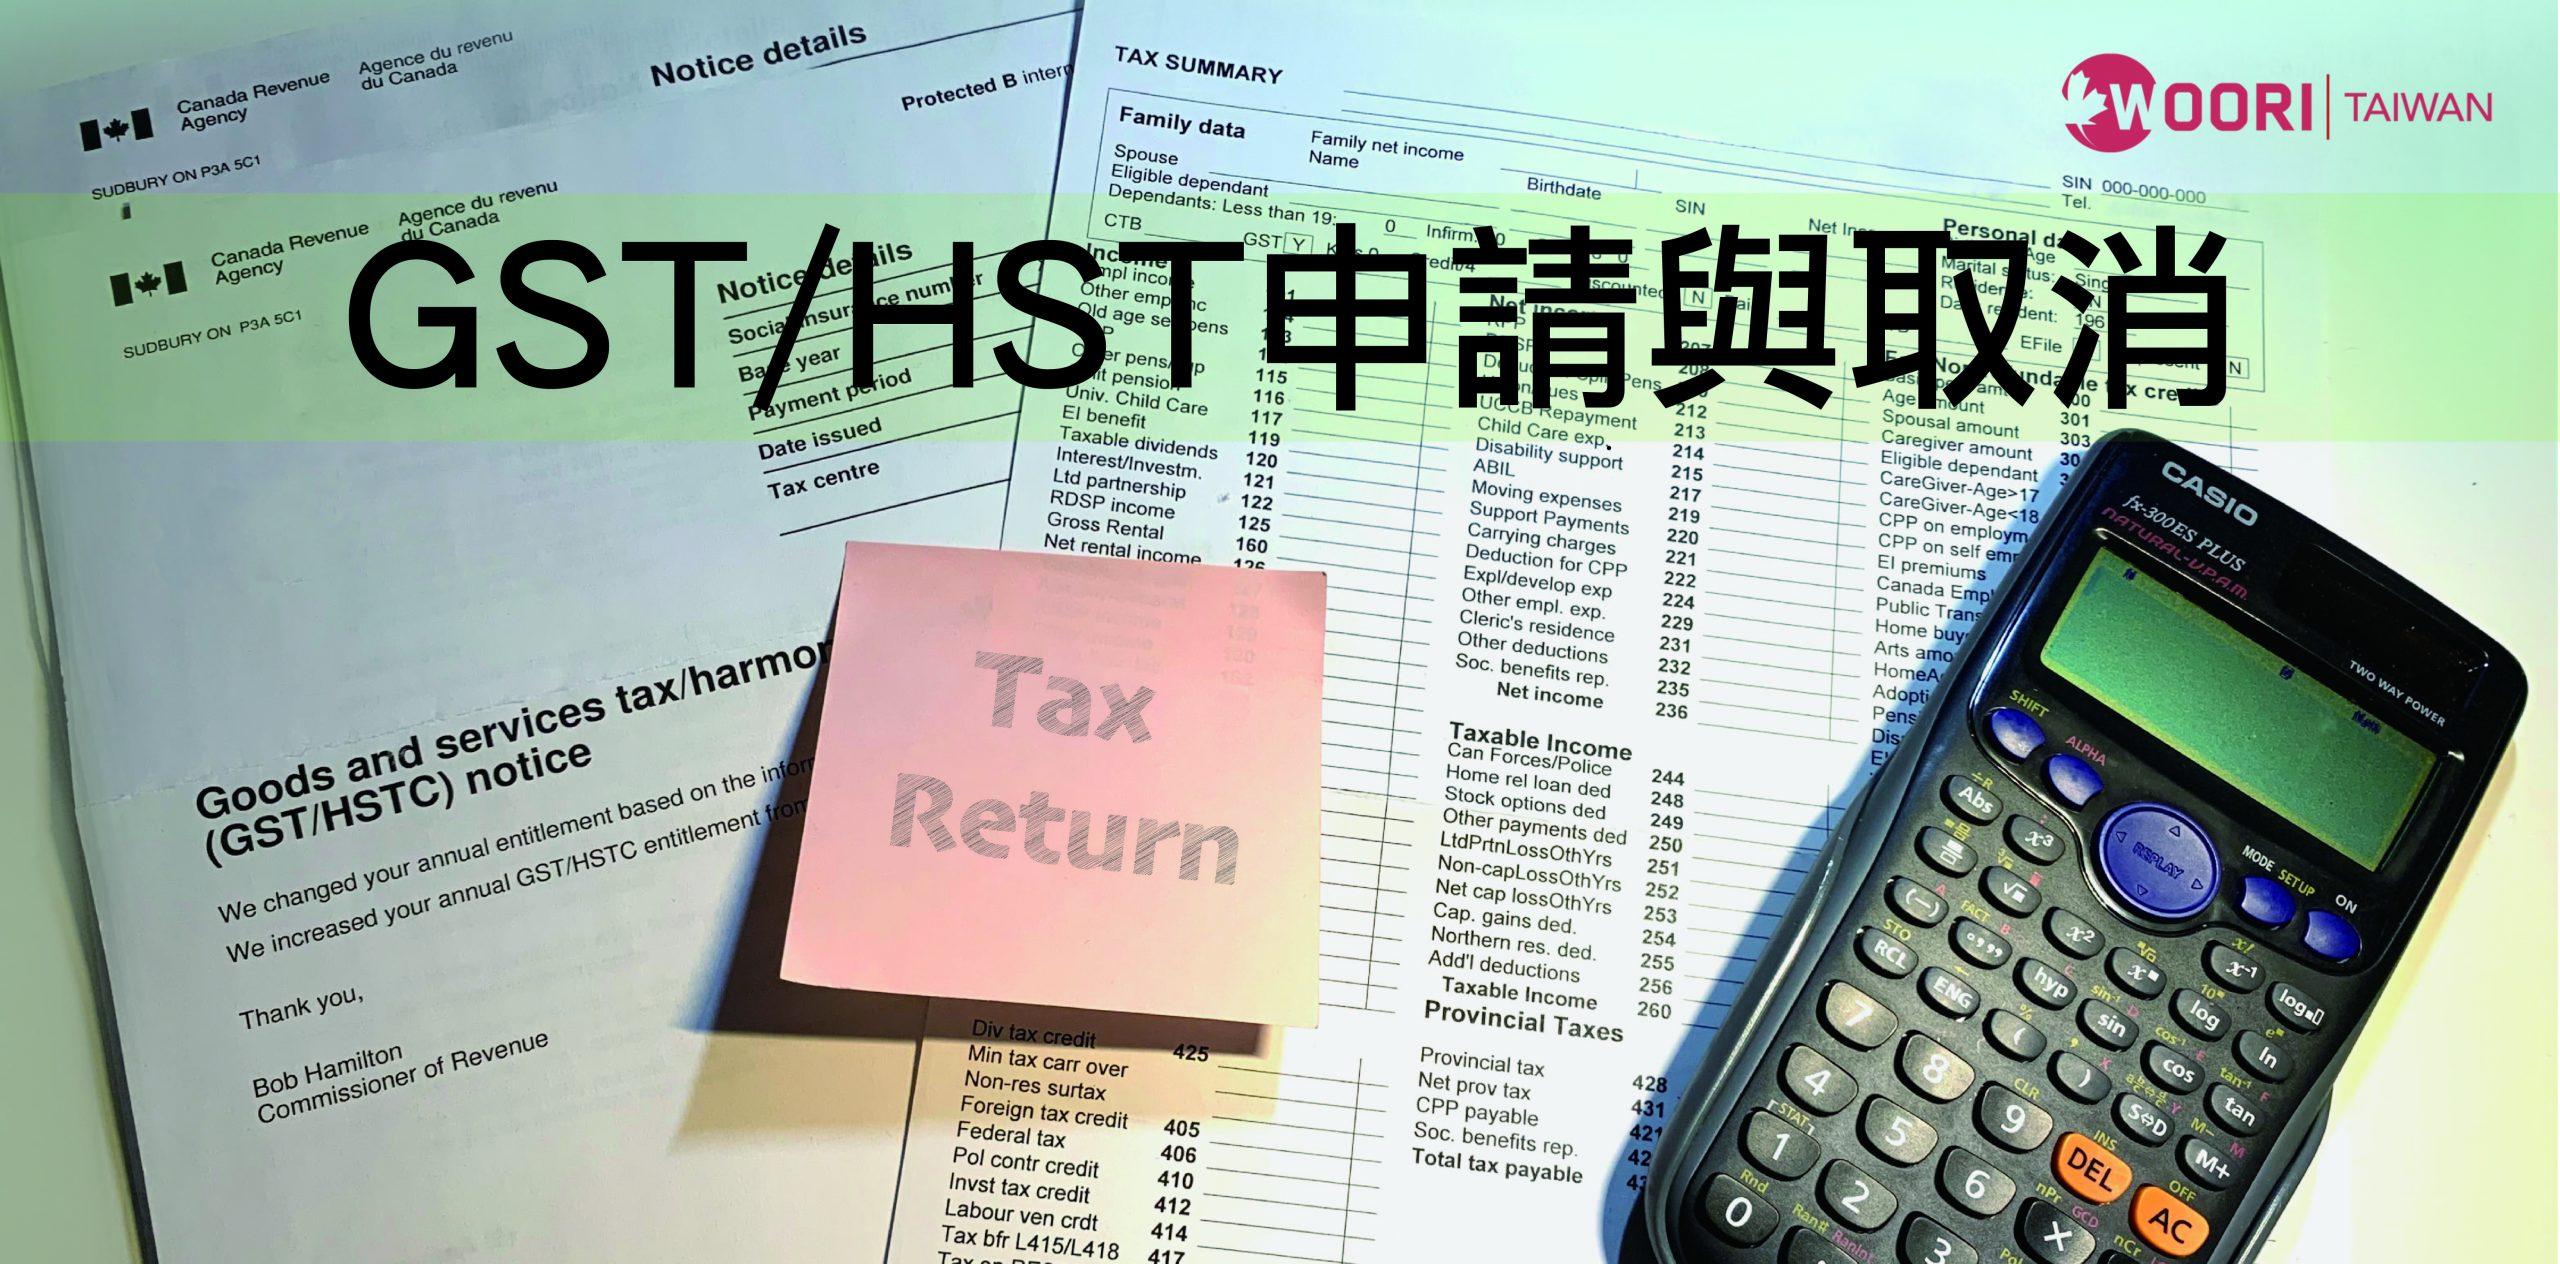 加拿大GST/HST申請與取消